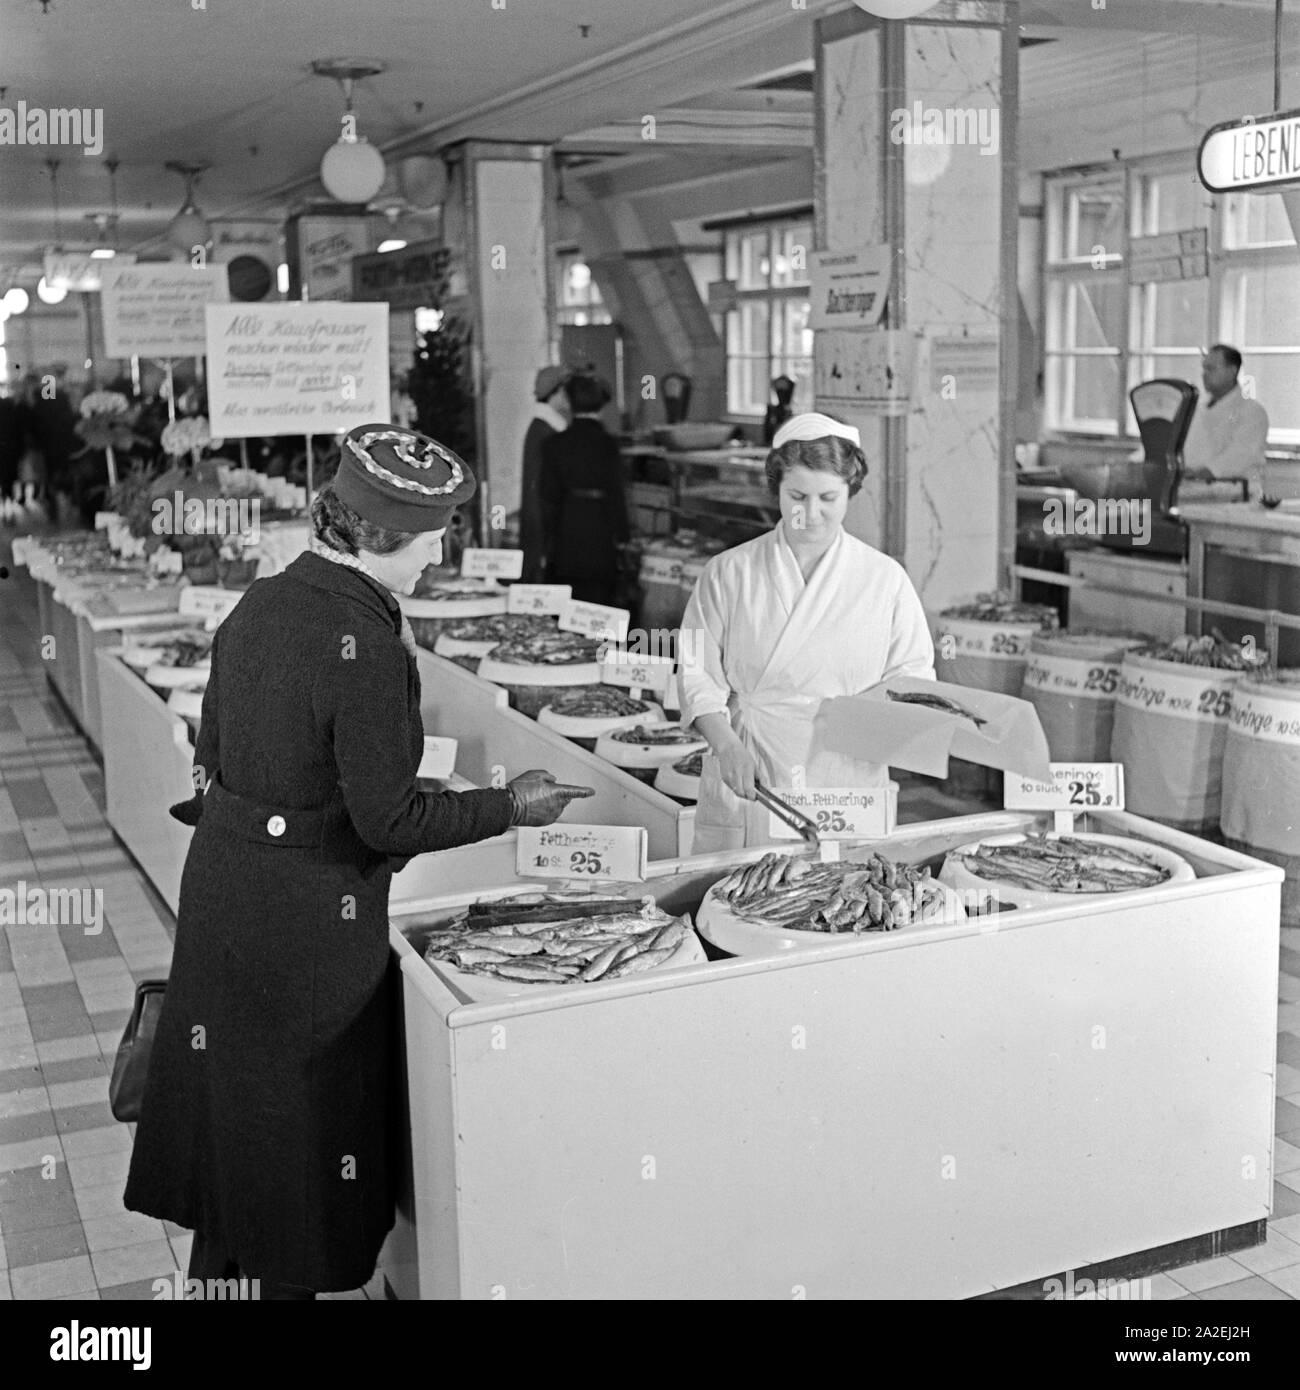 Die Fischabteilung in einem großen Lebensmittelgeschäft bietet Salzheringe an, eine Kundin wird an der Frischetheke bedient, Deutschland 1930er Jahre. The fish department at a grocery offering salted herrings, a woman is served by a shop assistant, Germany 1930s. Stock Photo